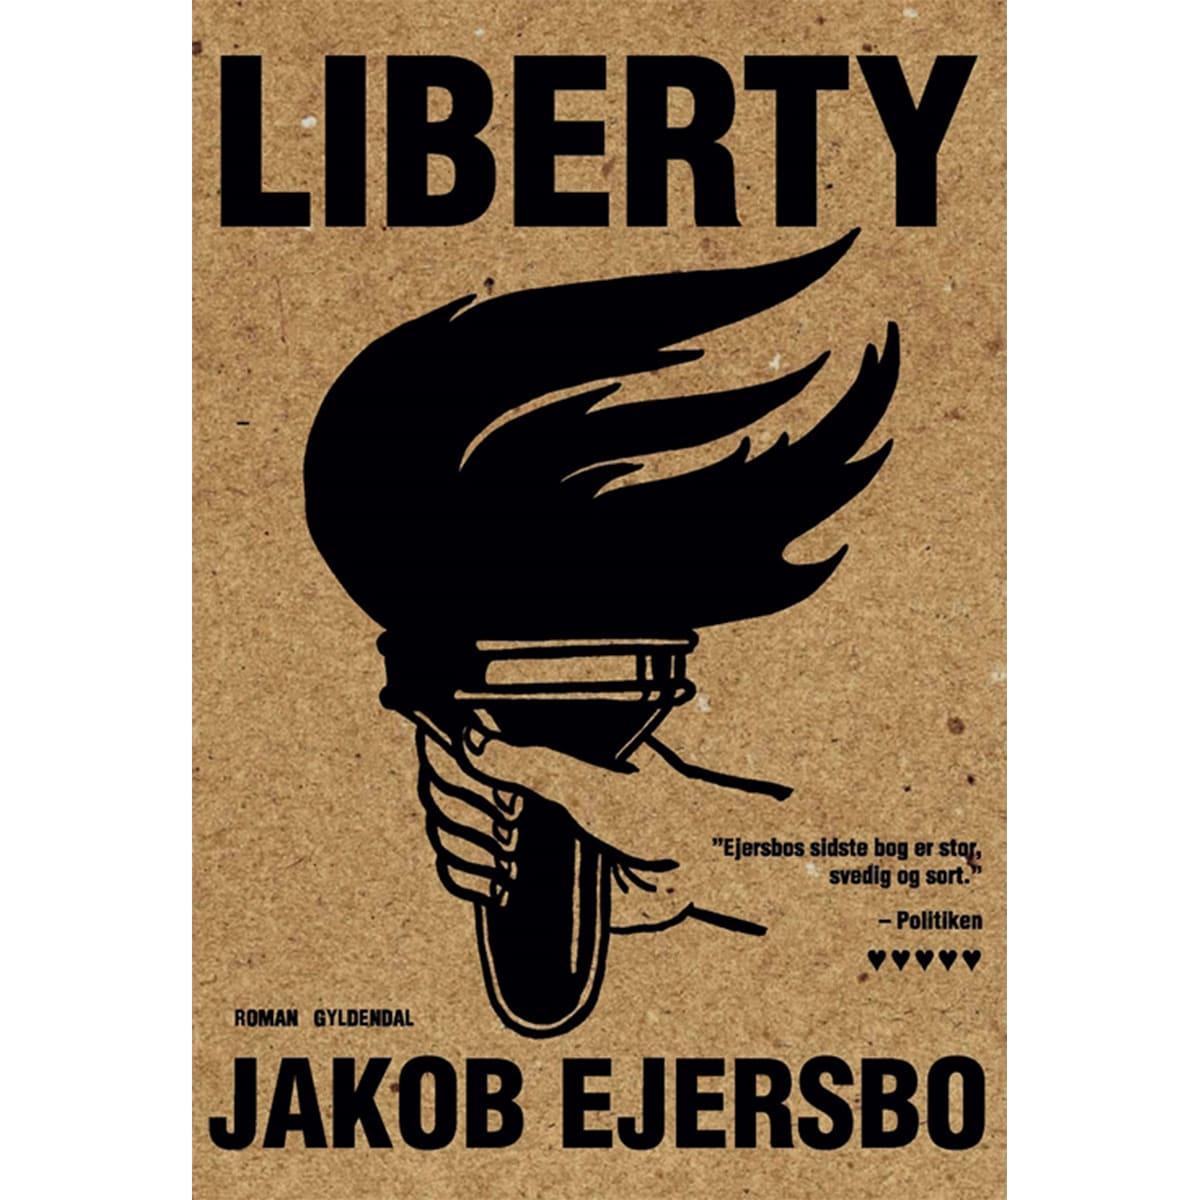 Af Jakob Ejersbo